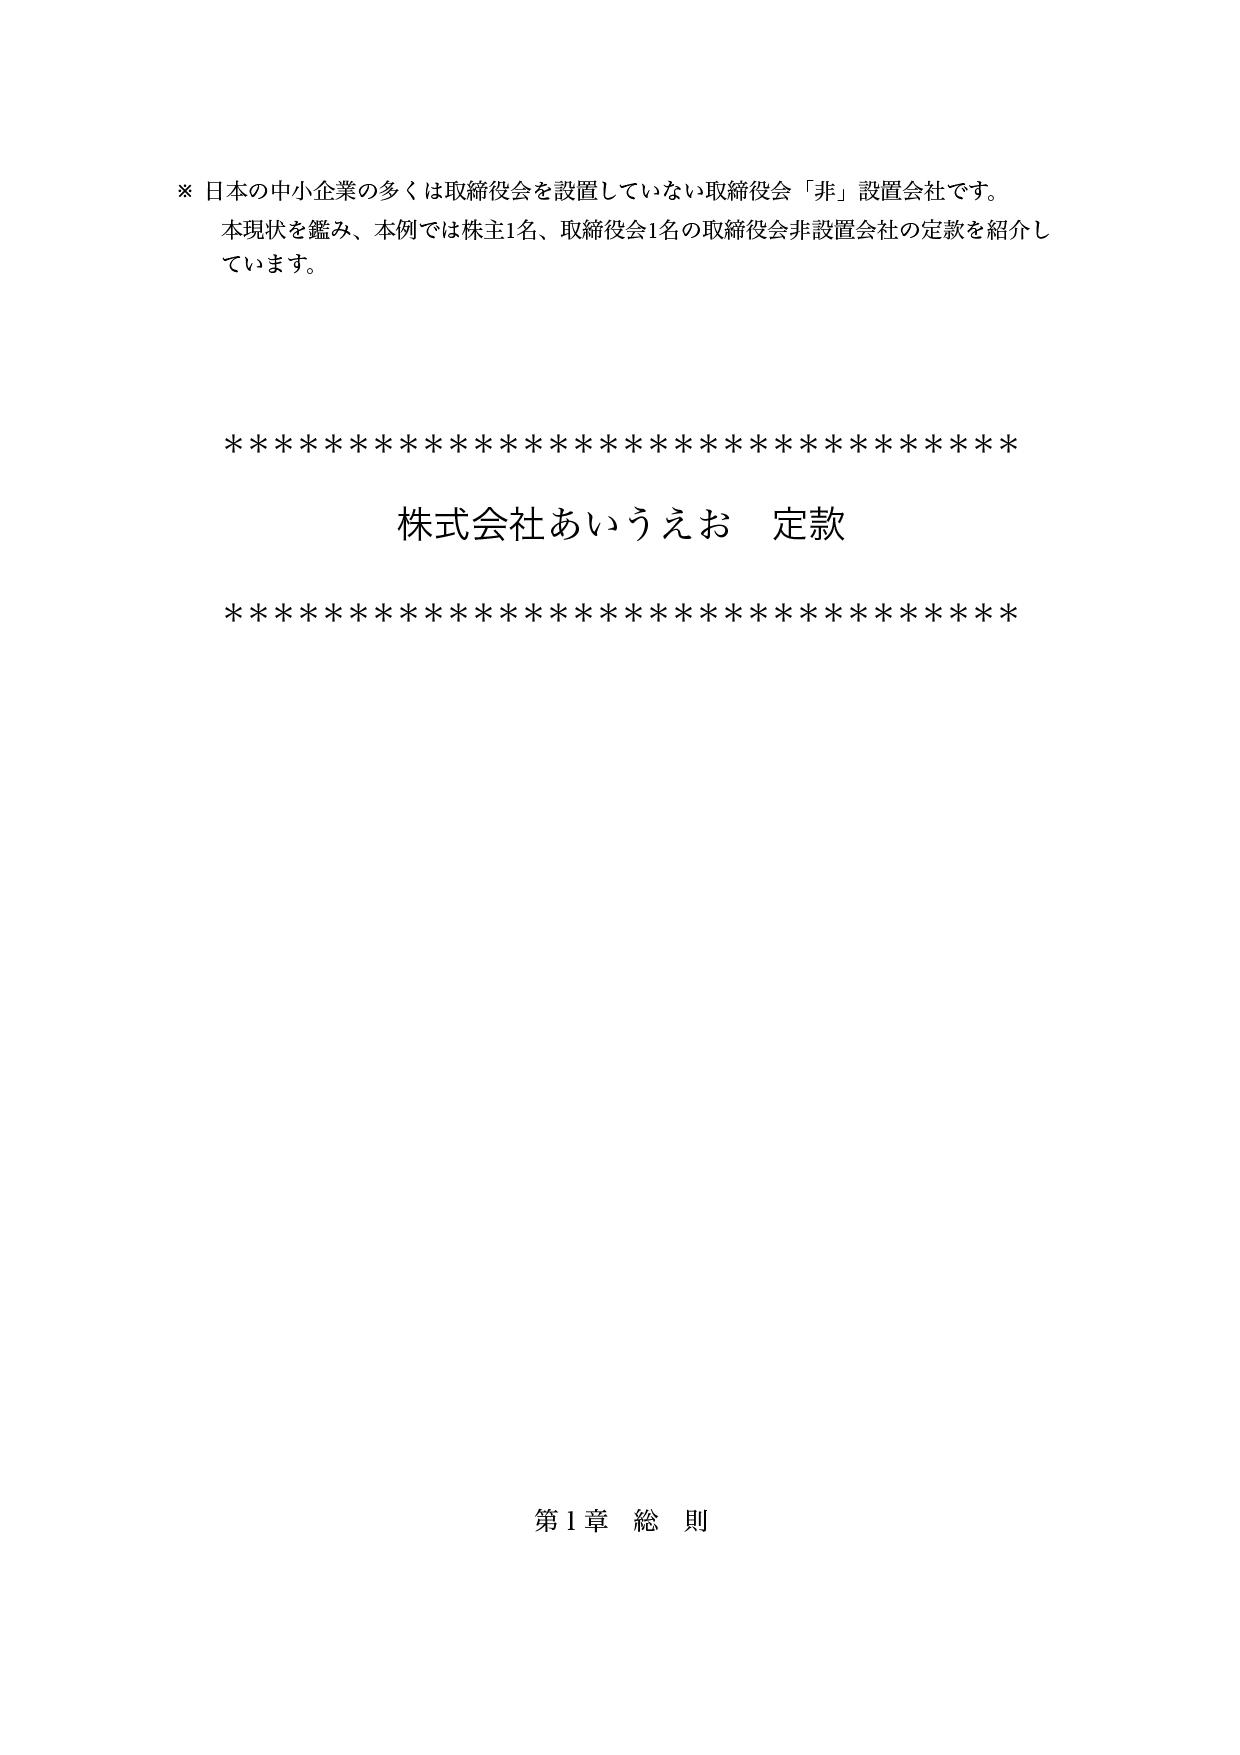 定款のひな形テンプレート(ワード・ページズ)